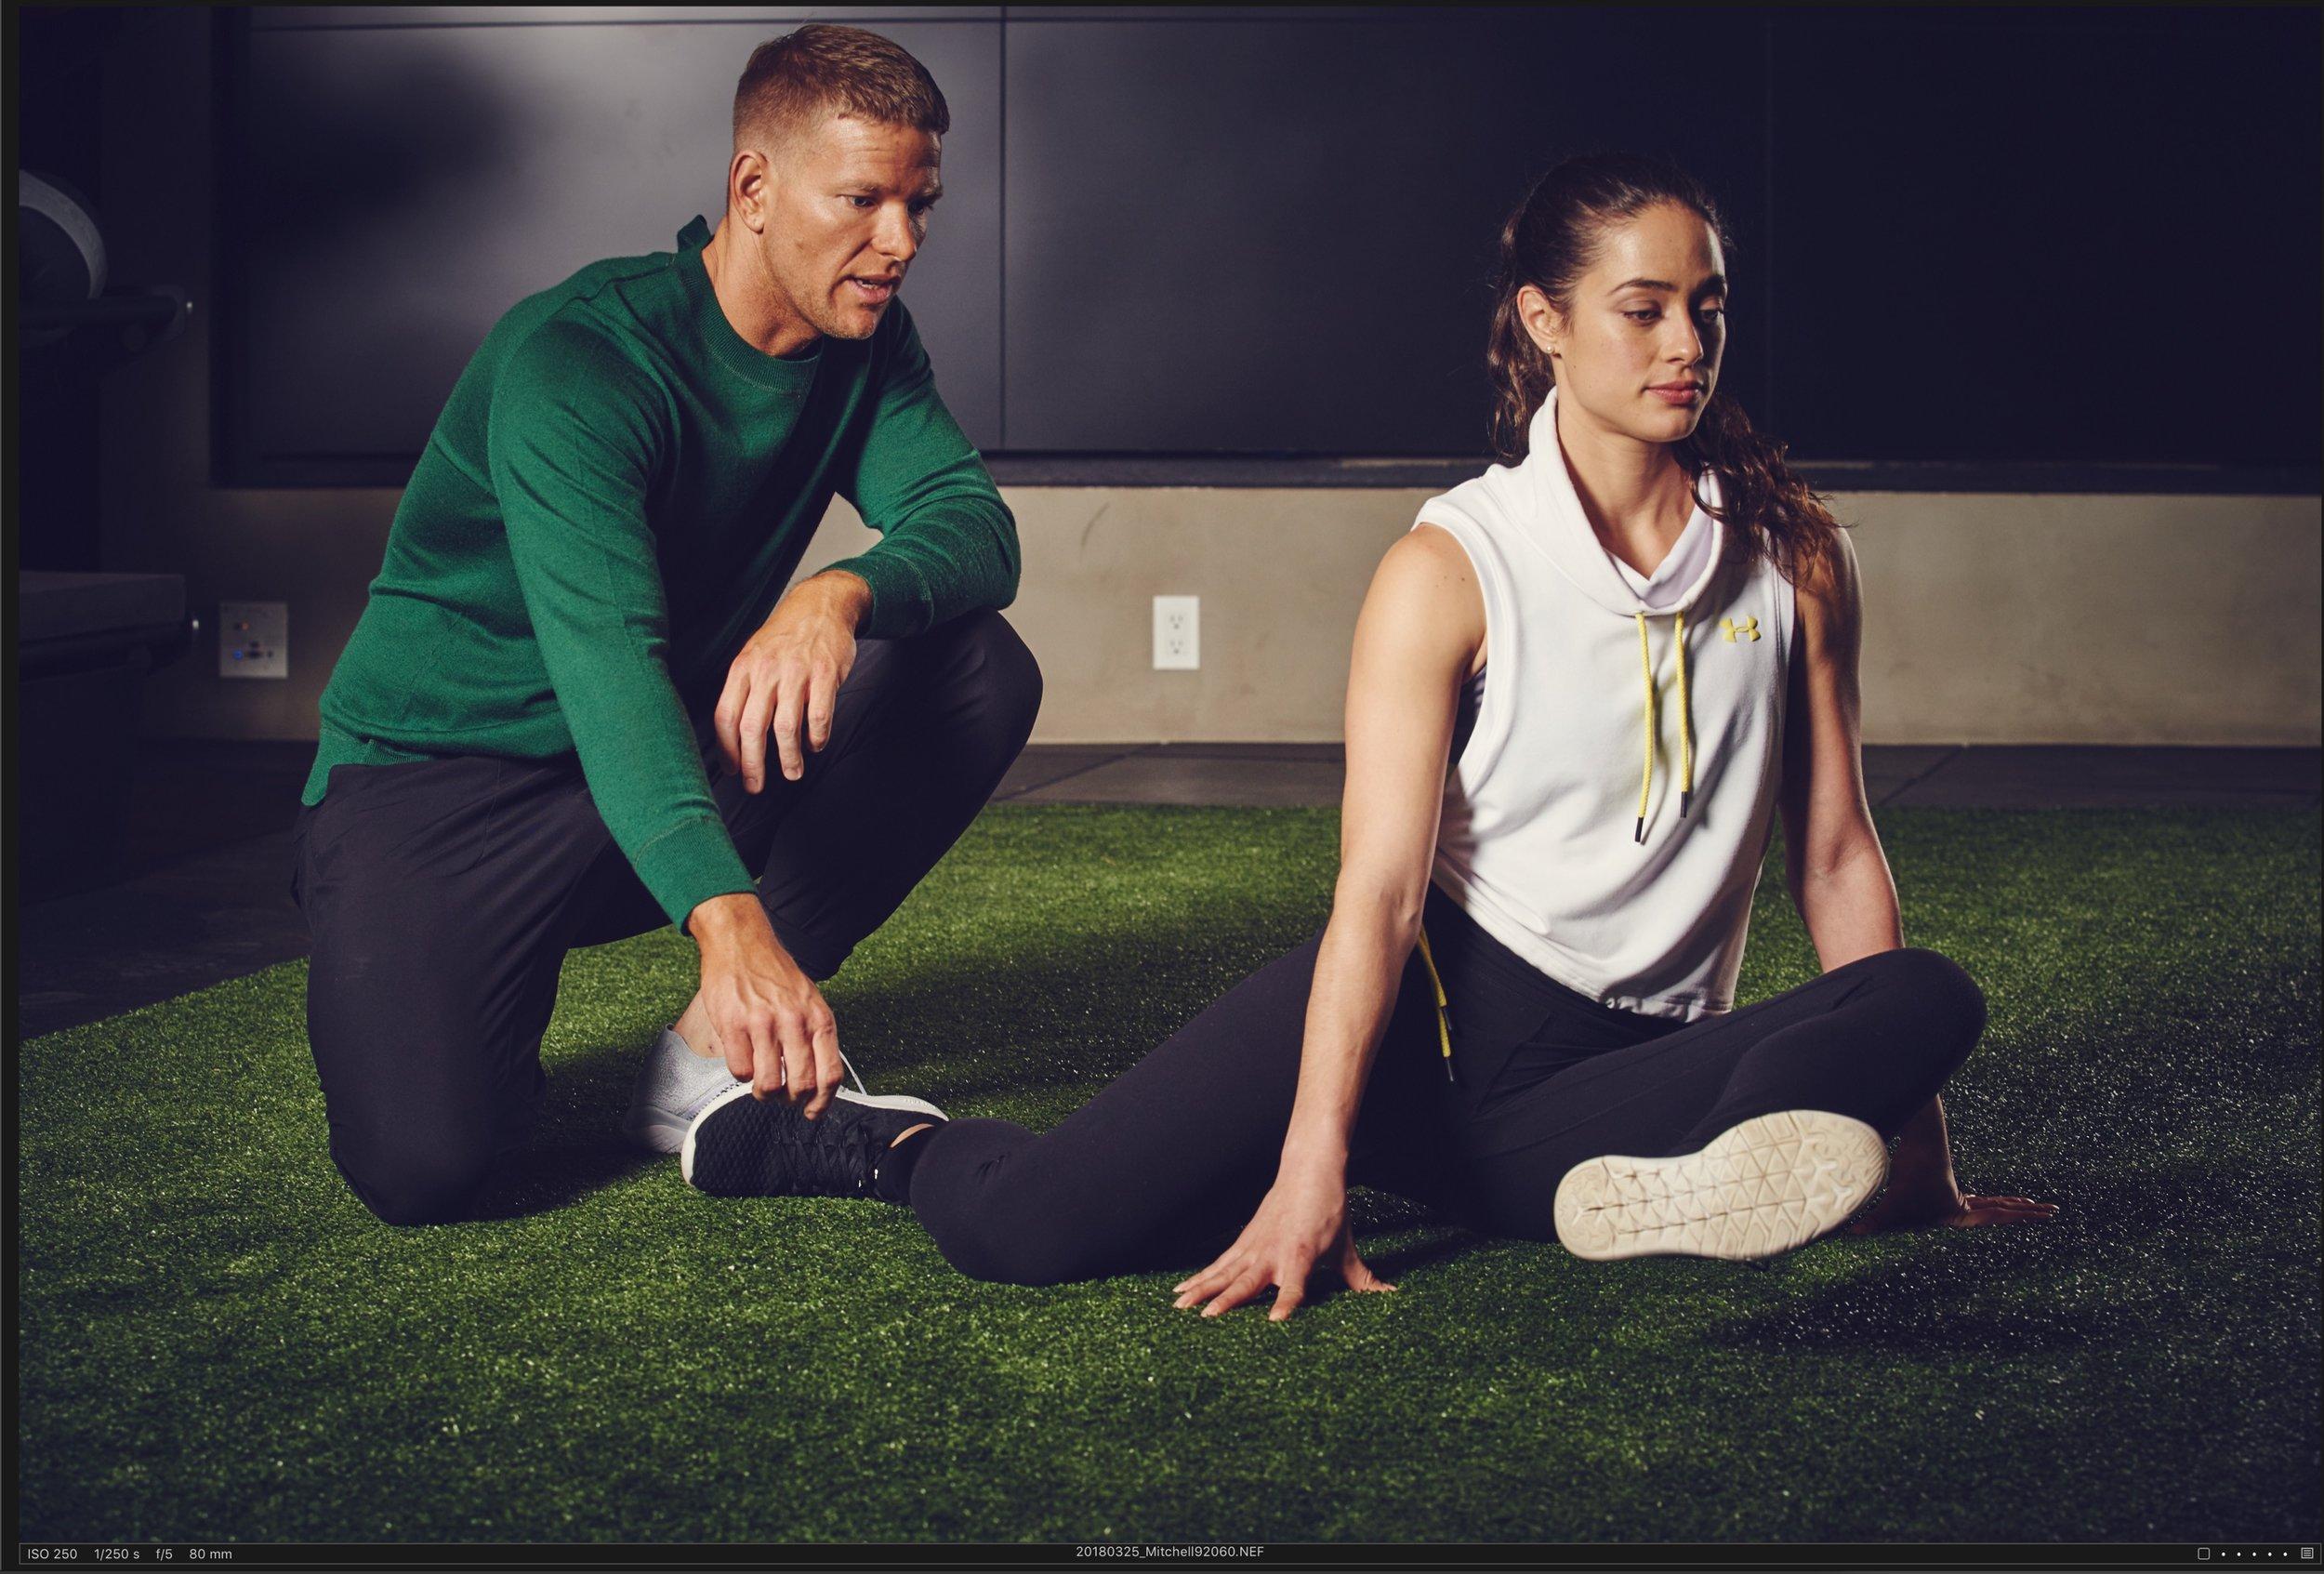 Real Coaching - Not